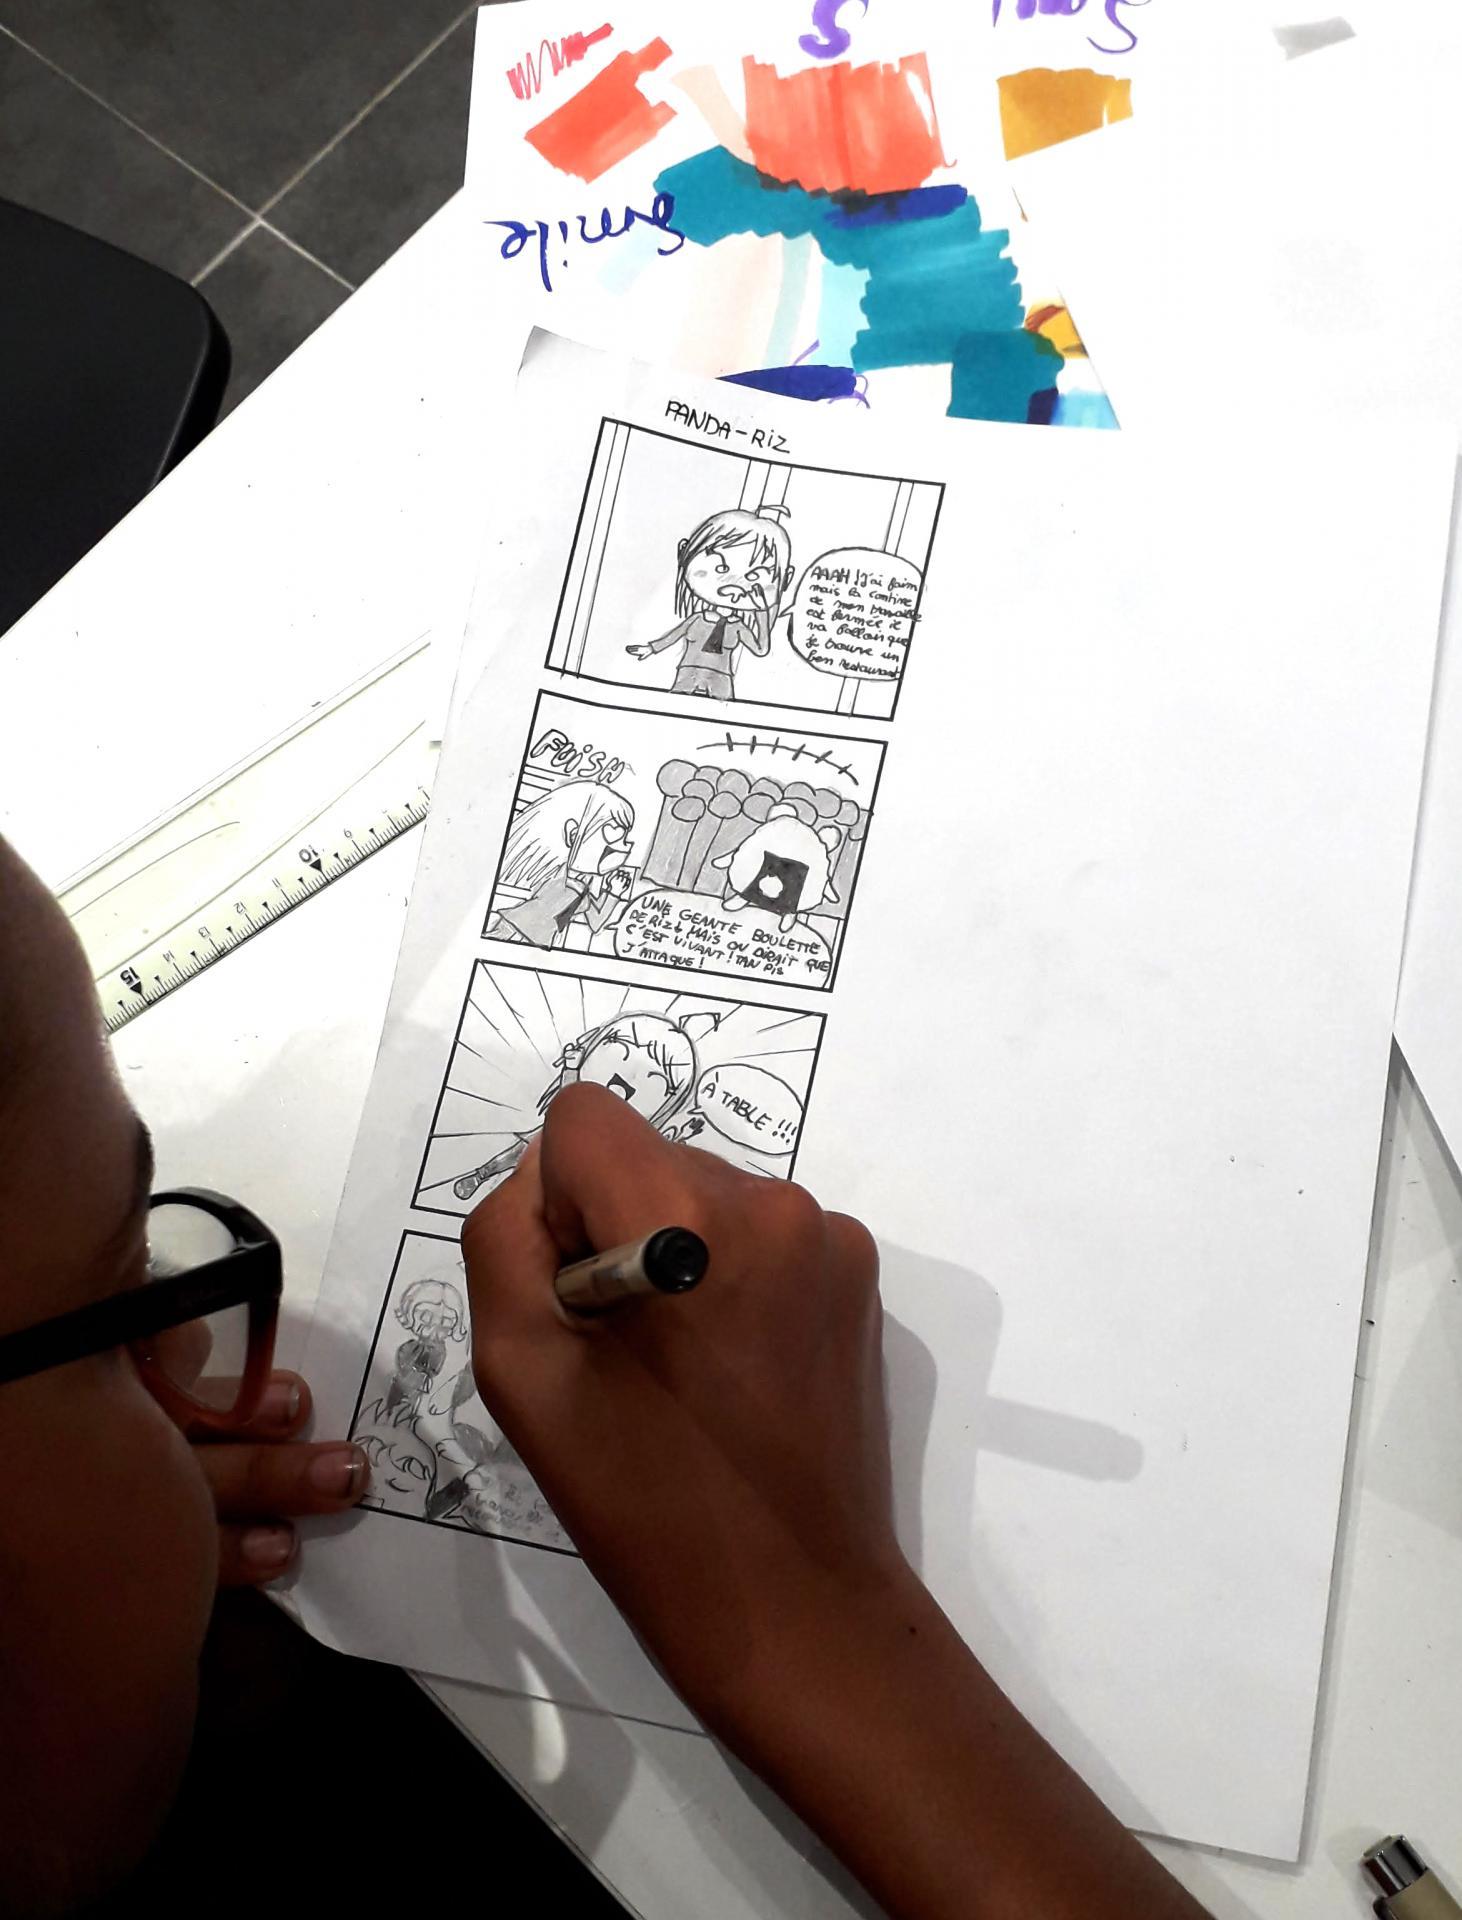 dessin yonkoma stage manga chibi